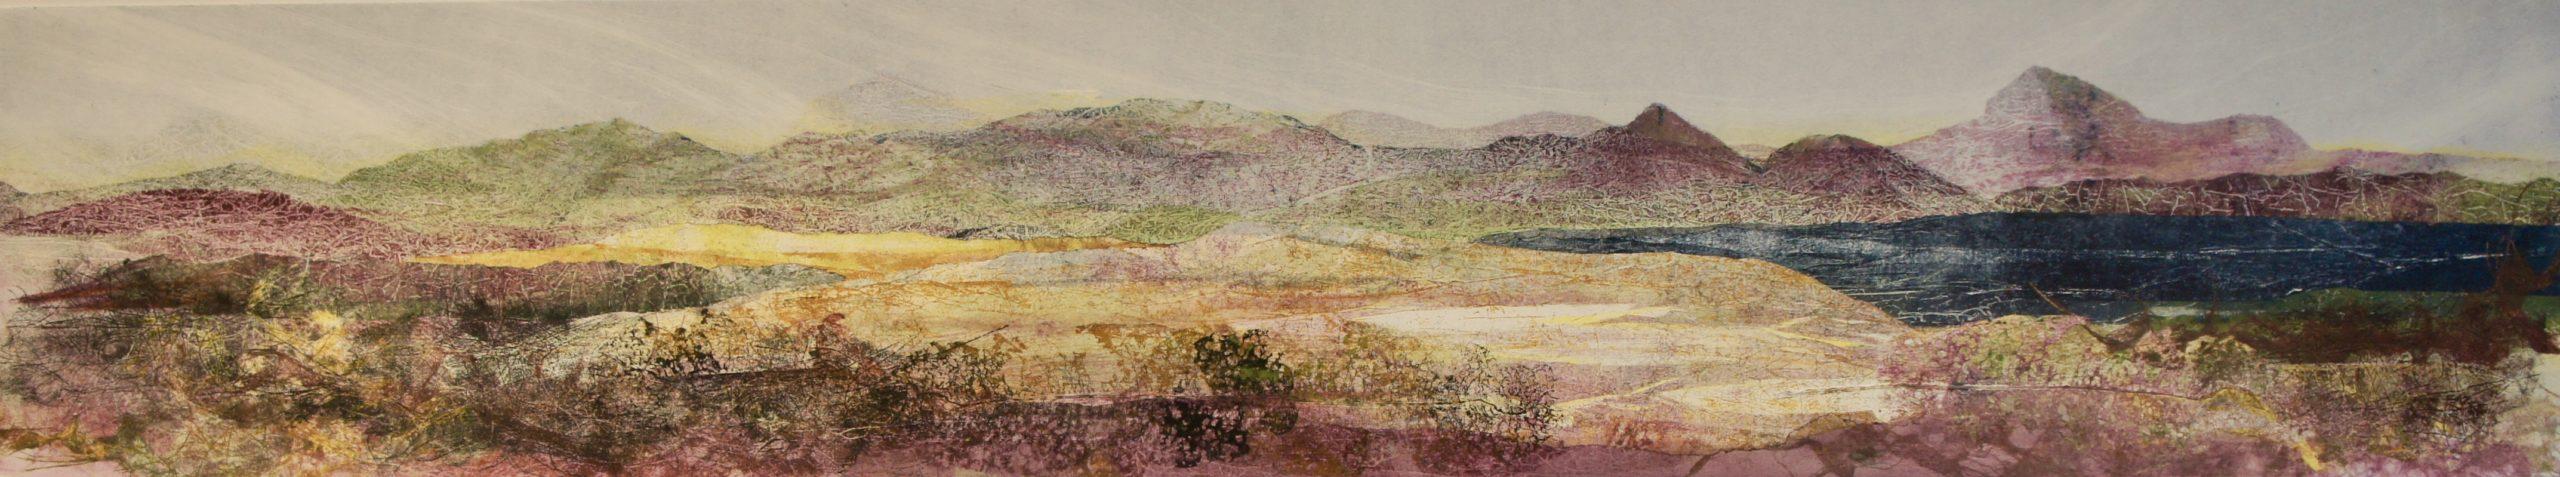 Adele Burdon. A quiet place